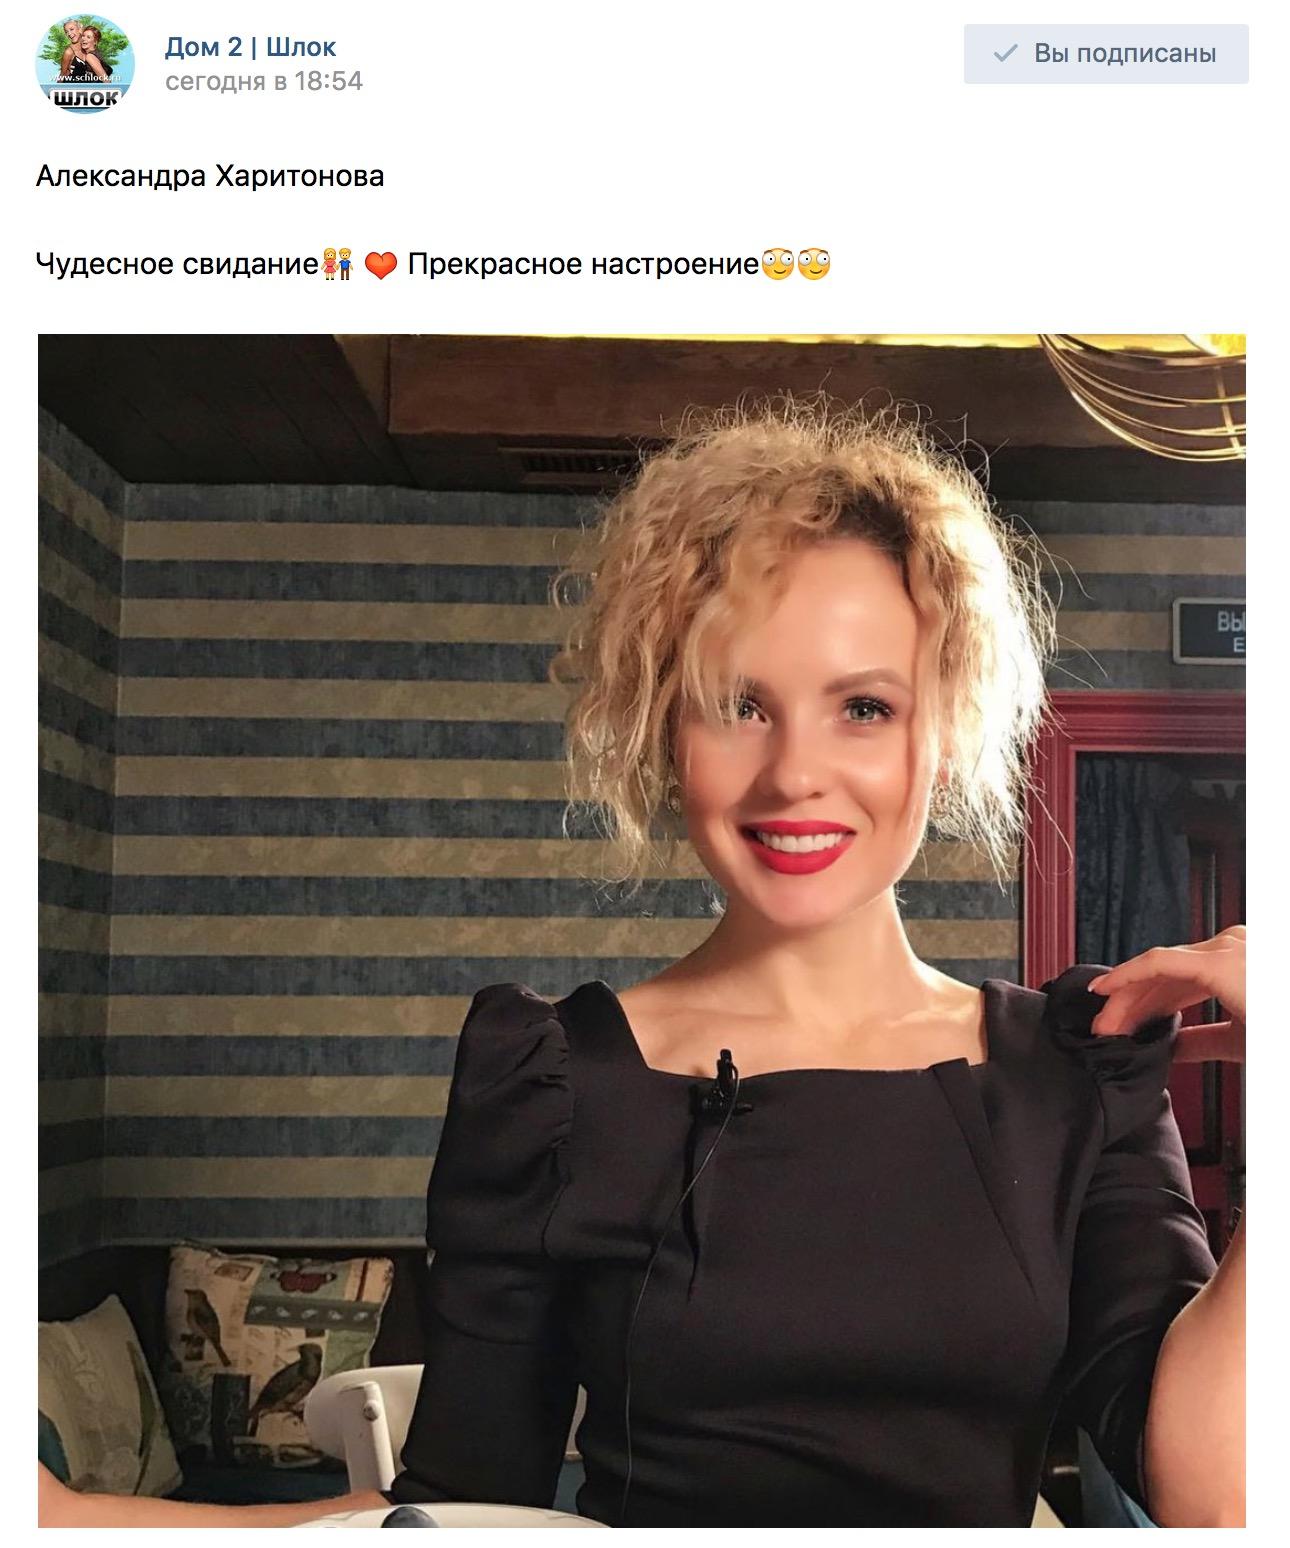 Александра Харитонова. Чудесное свидание? ❤